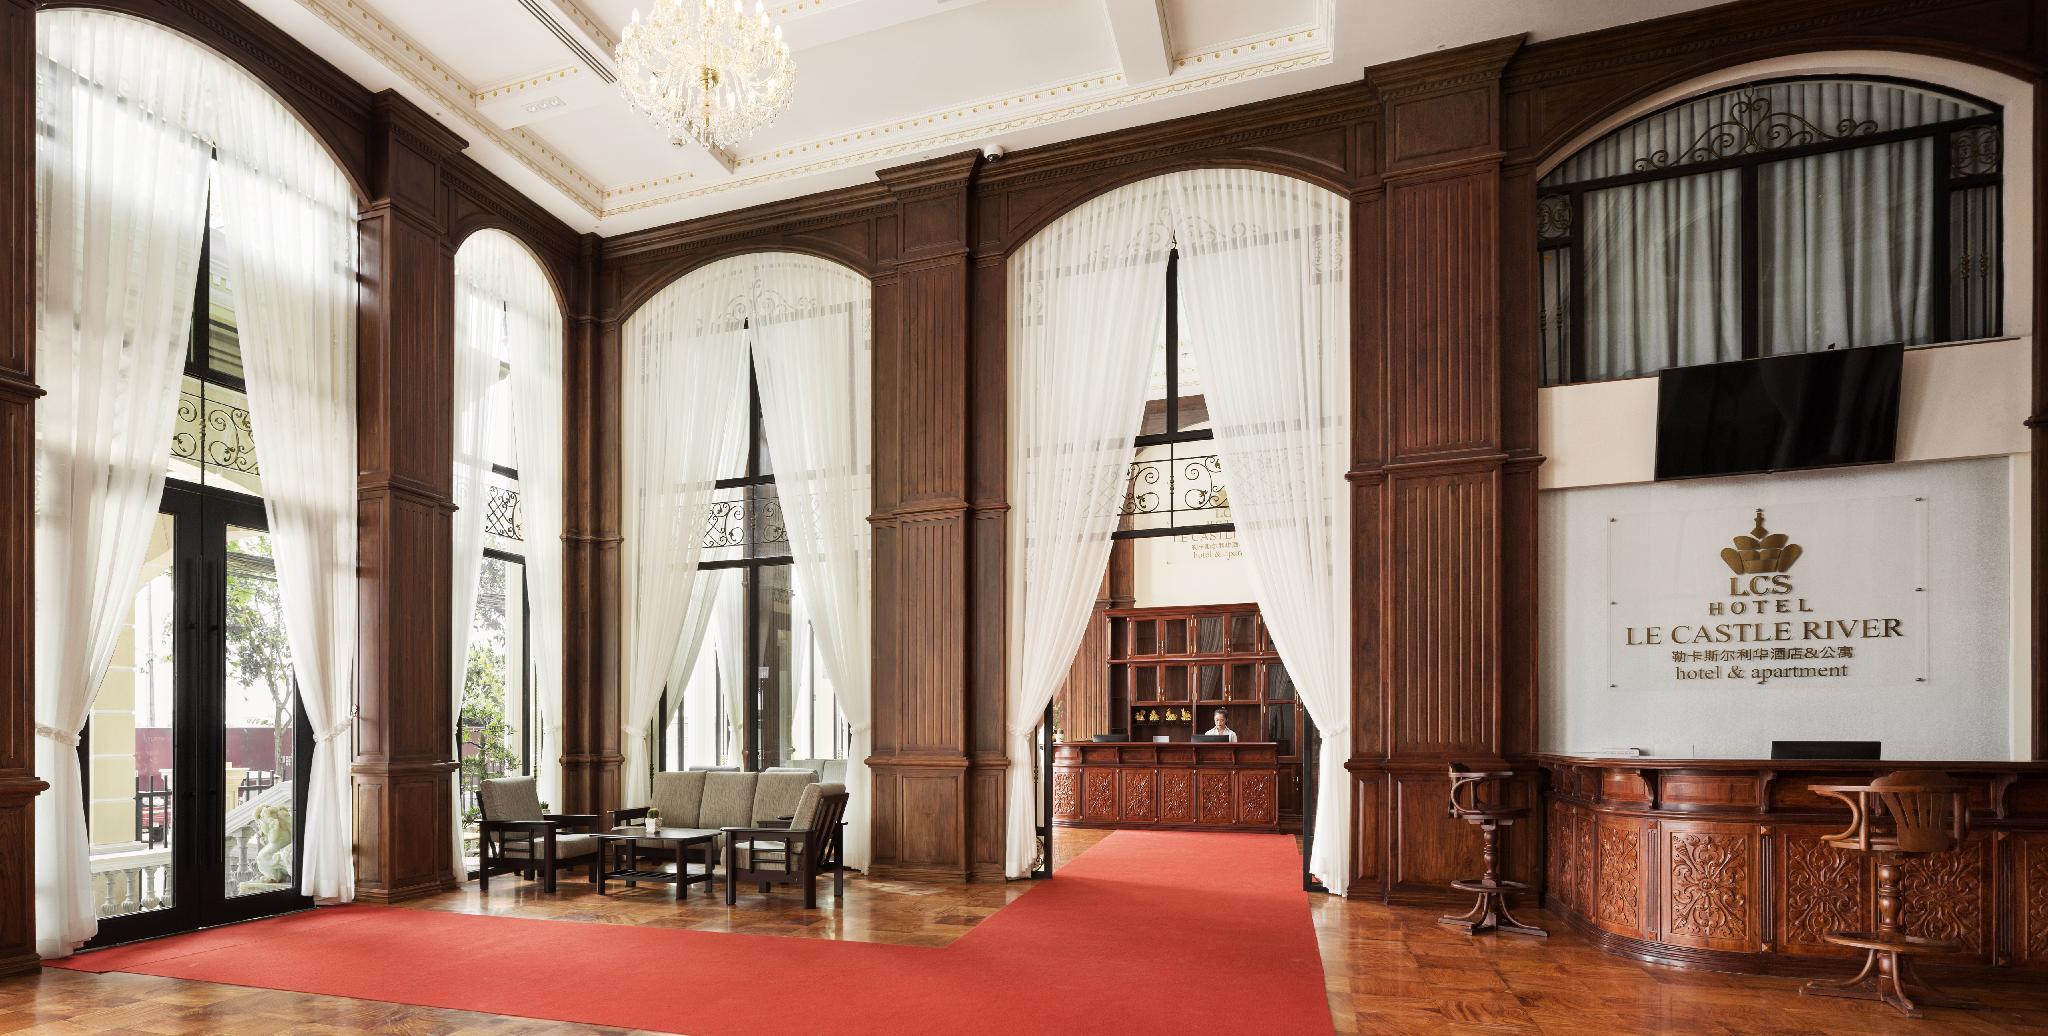 Le Castle River Hotel & Apartment